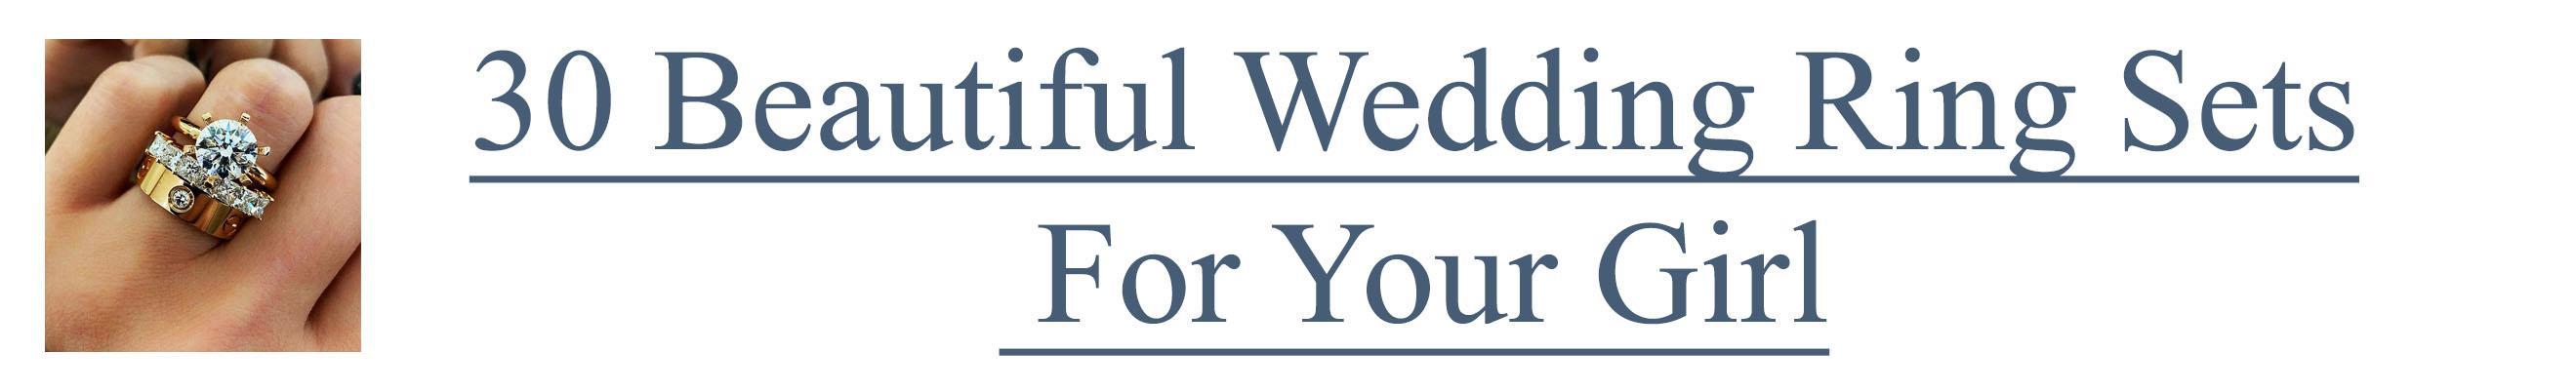 wedding ring sets banner link